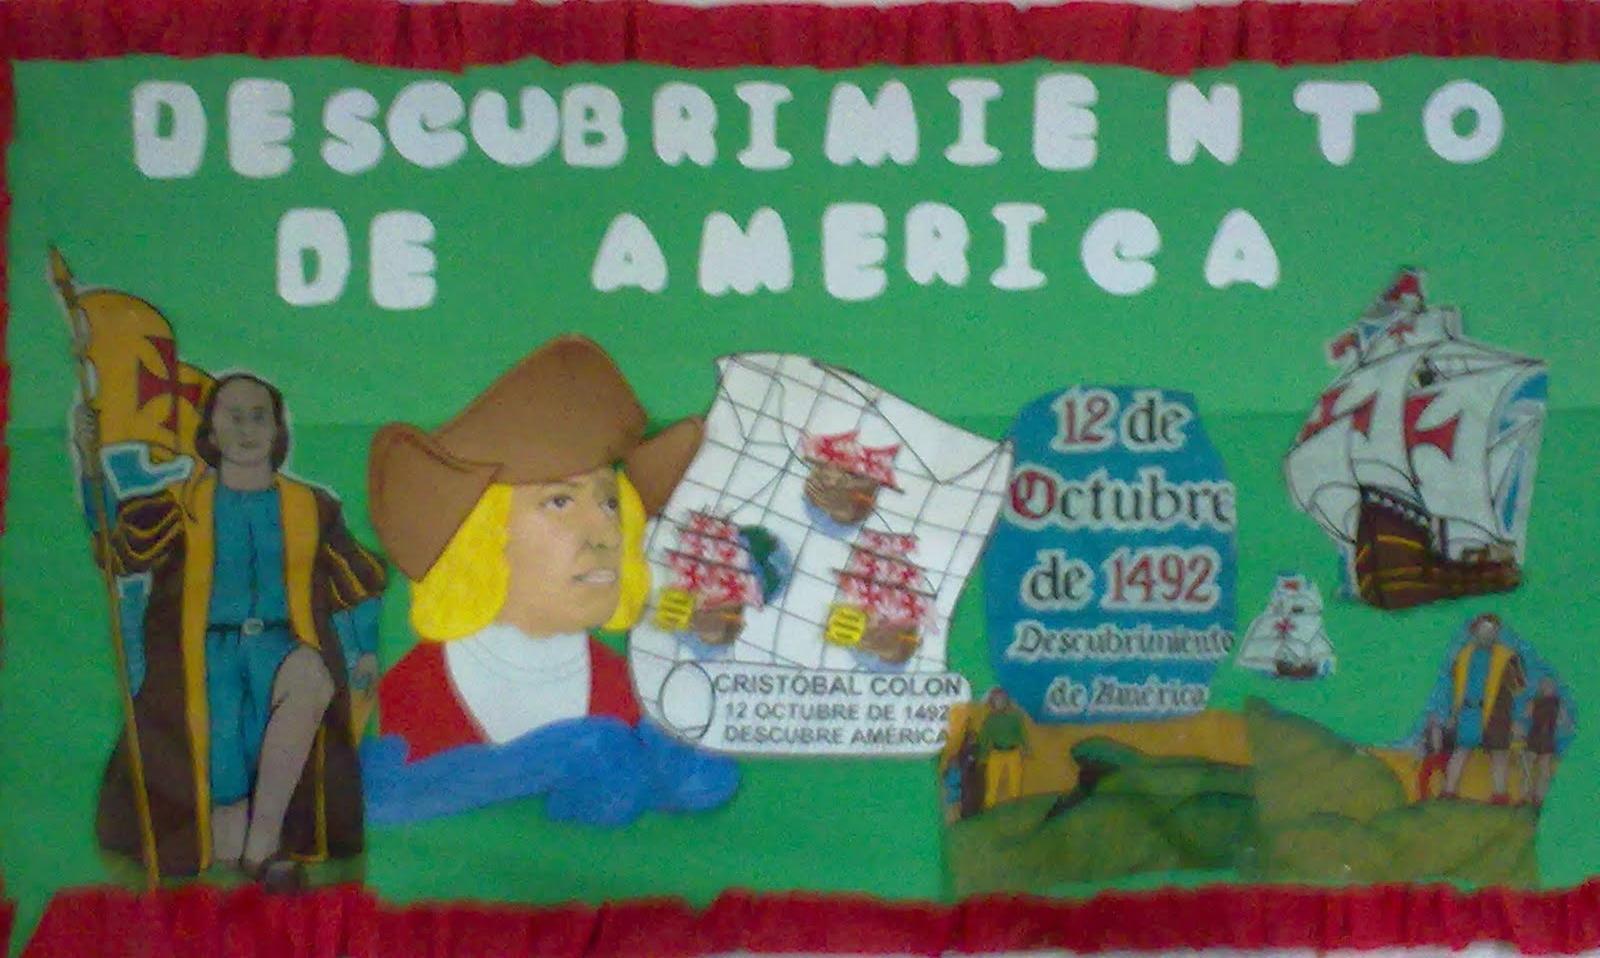 Periodico mural octubre 17 imagenes educativas for Diario mural en ingles